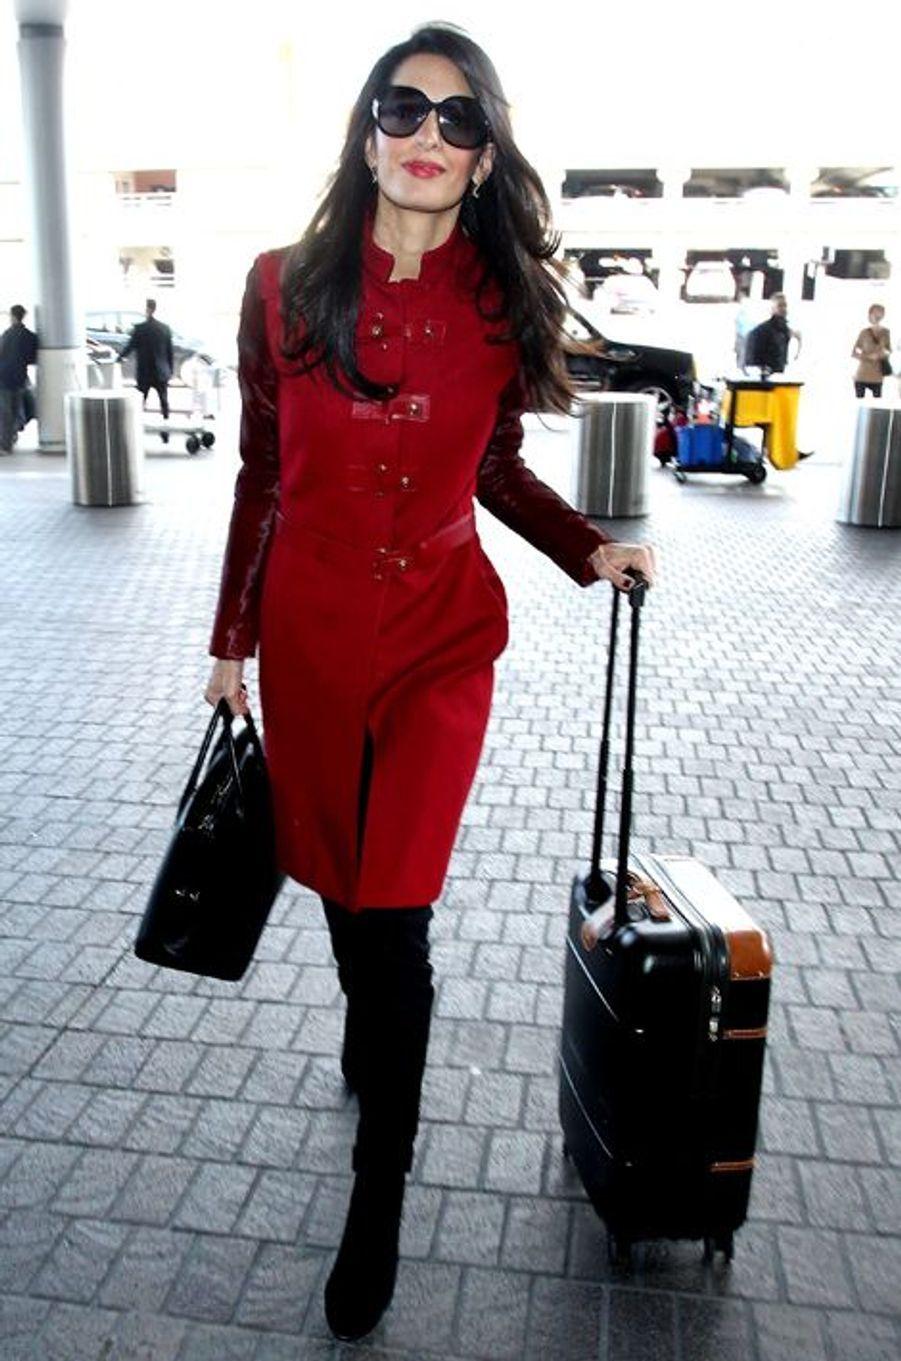 De nouveau à l'aéroport en direction de l'Angleterre, Amal Clooney avait misé sur un long manteau rouge de la maison Versace (1.870 euros), une paire de bottes Prada (895 euros) et un sac Dior (4.450 euros). Un look pour une valeur totale de 7.215 euros.